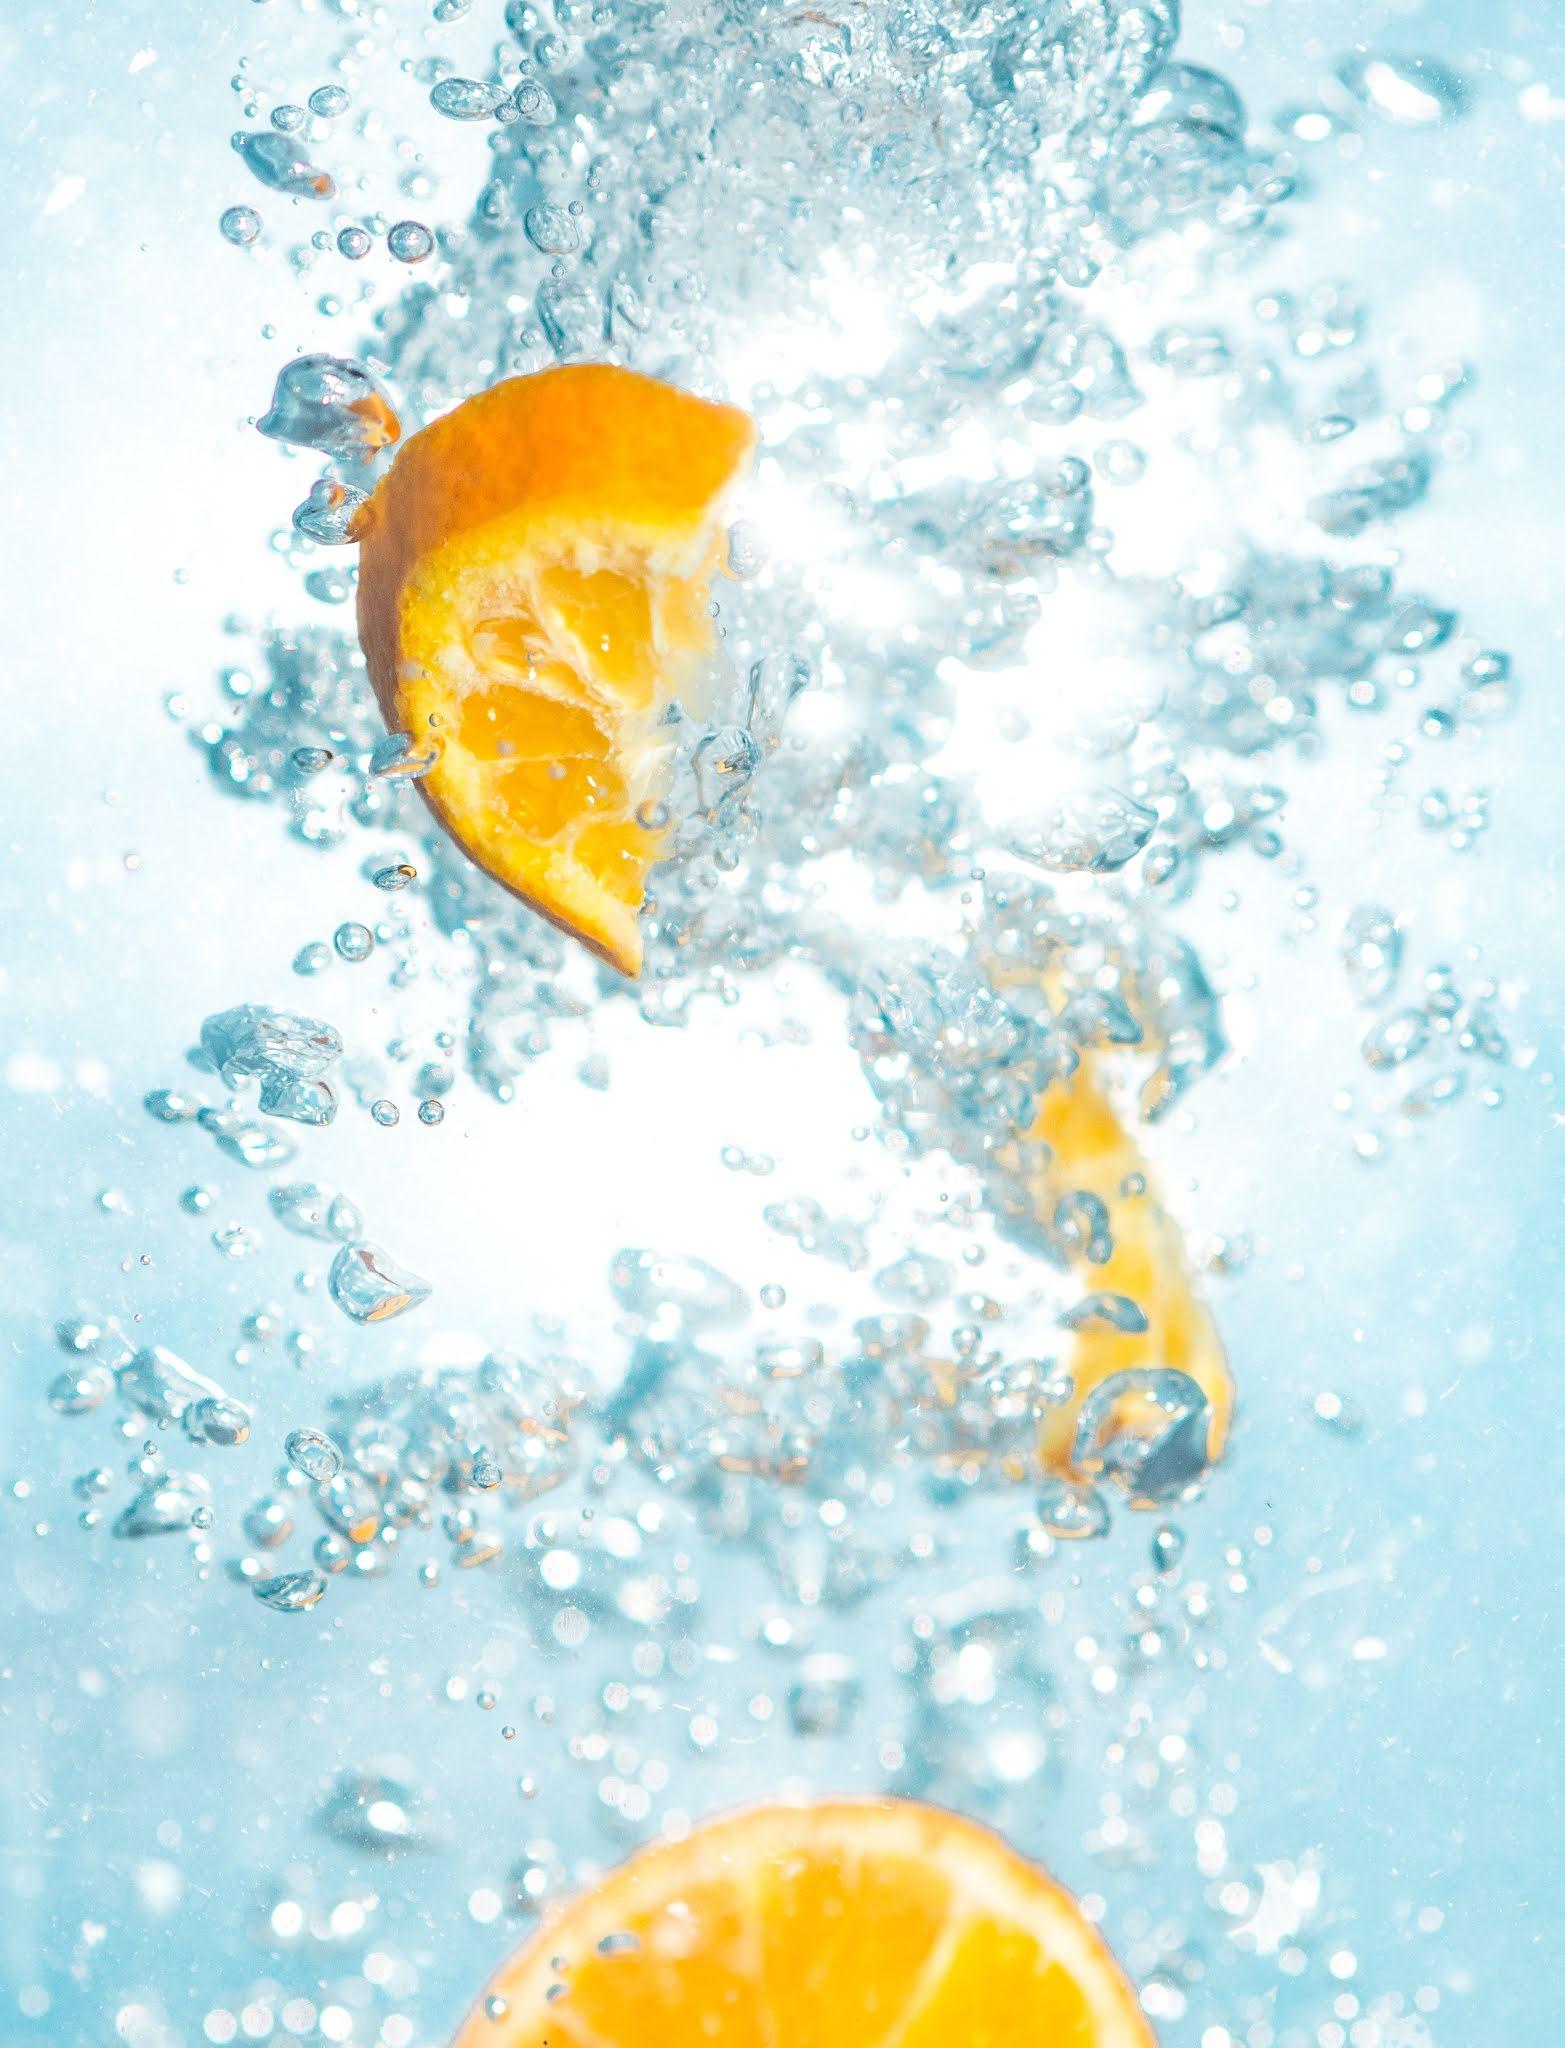 فوائد فاكهة البرتقال